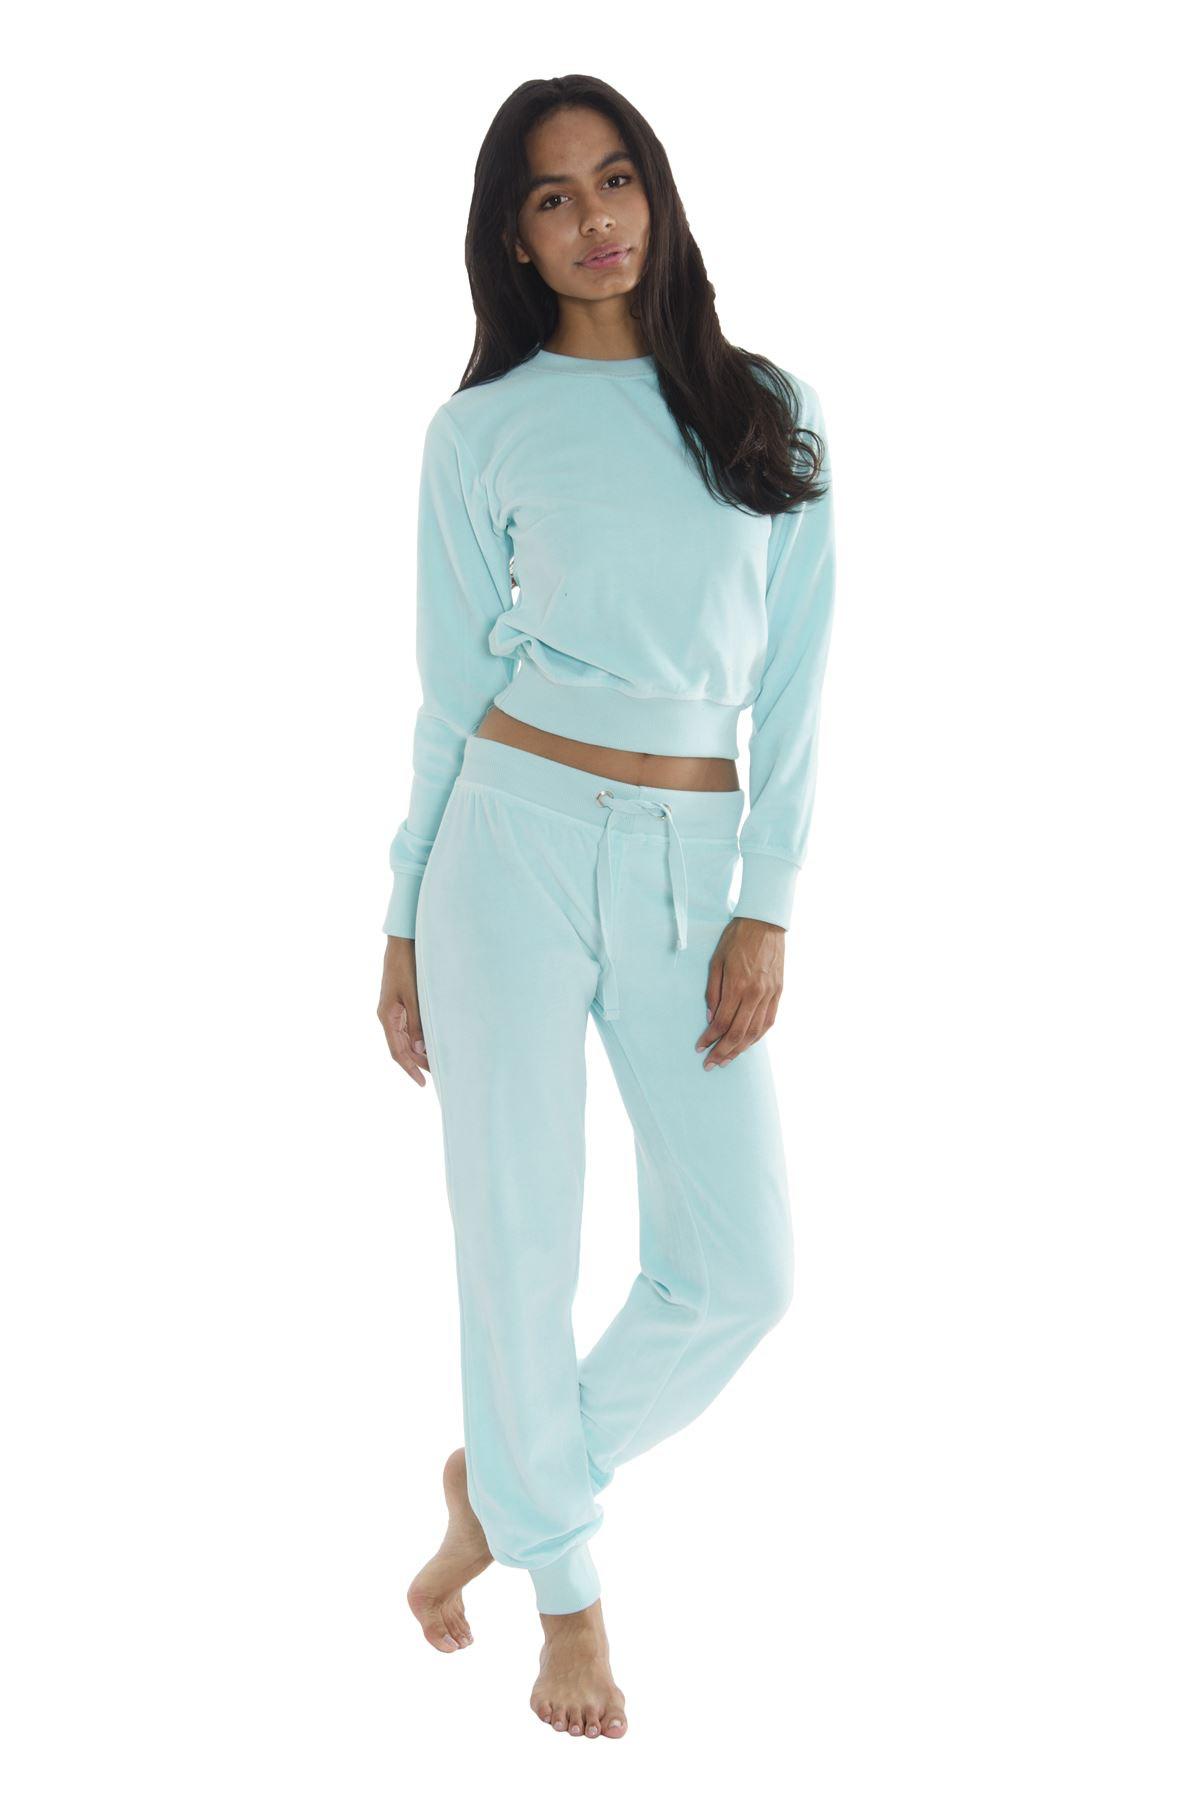 womens velour round neck active cotton soft top suit pants